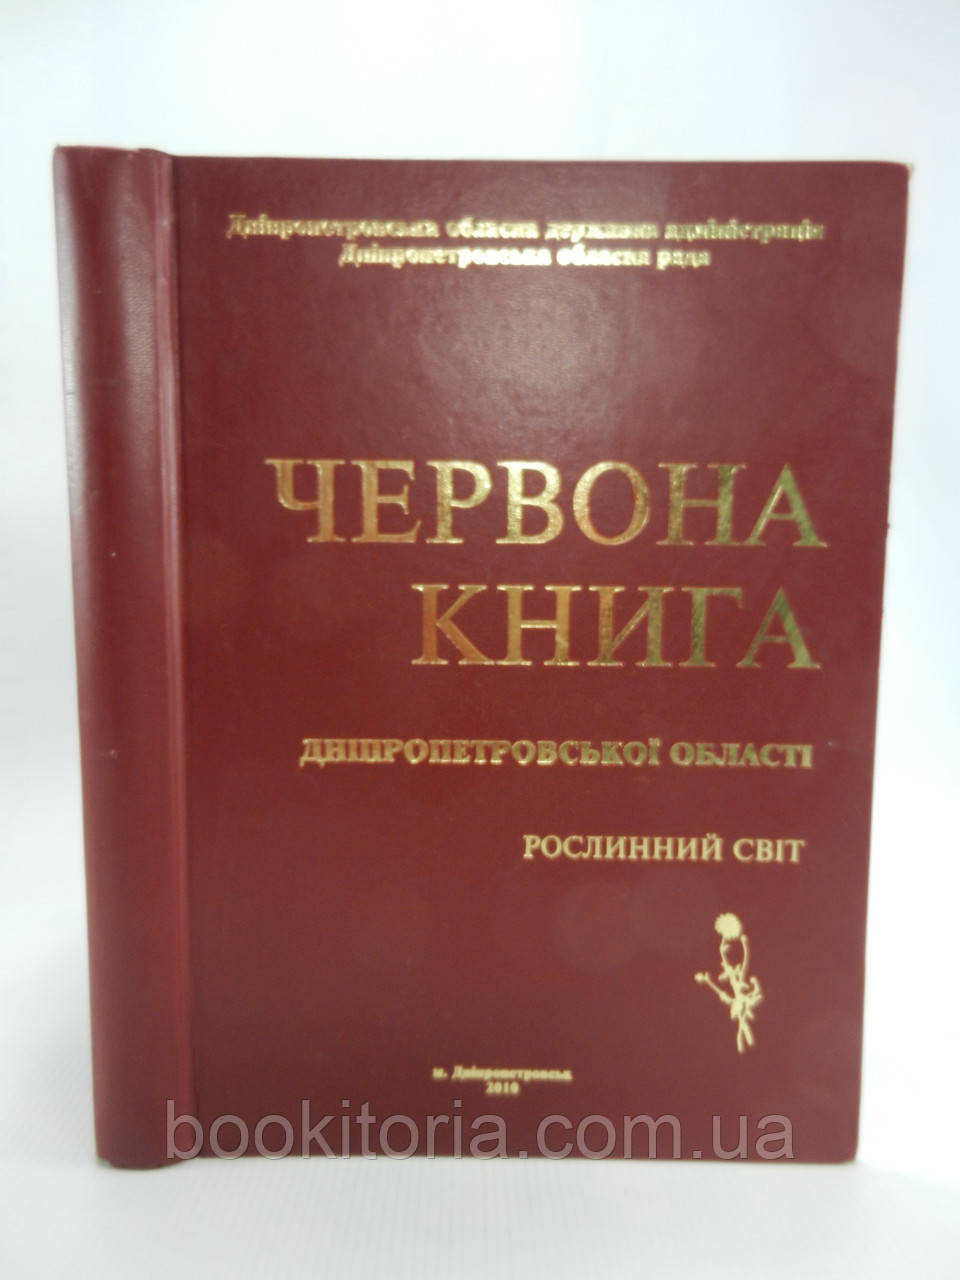 Червона книга Дніпропетровської області. Рослинний світ (б/у).